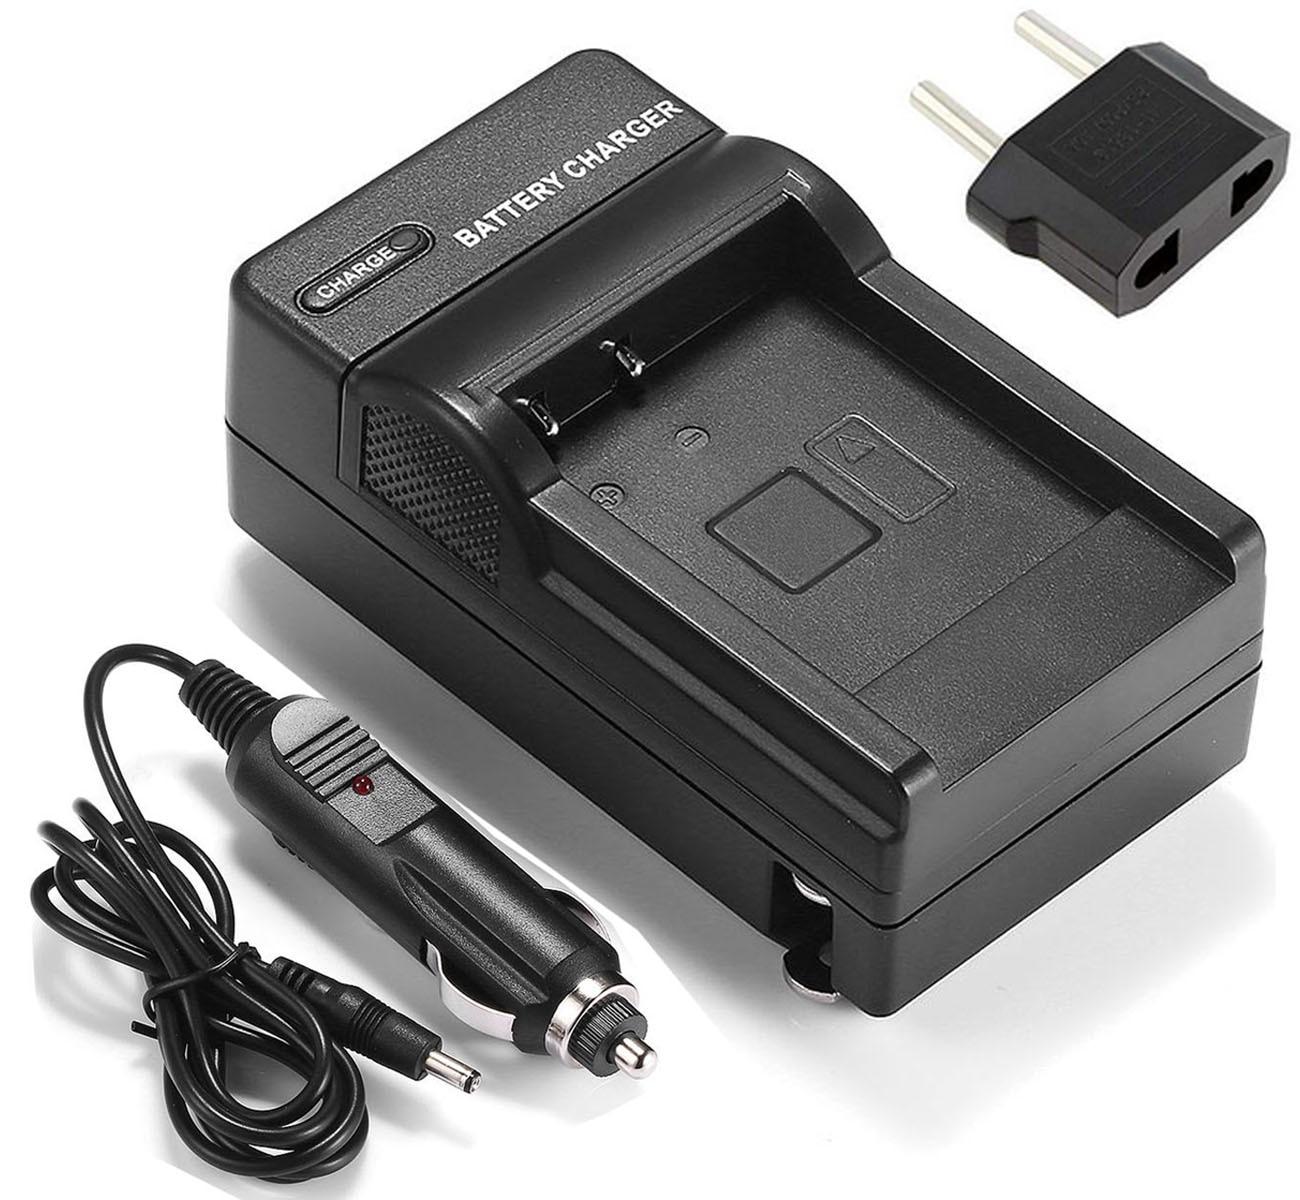 Carregador de bateria para samsung VP-D55, VP-D101, VP-D103, VP-D105, VP-D301, VP-D303, VP-D303D, VP-D305, VP-D307 filmadora